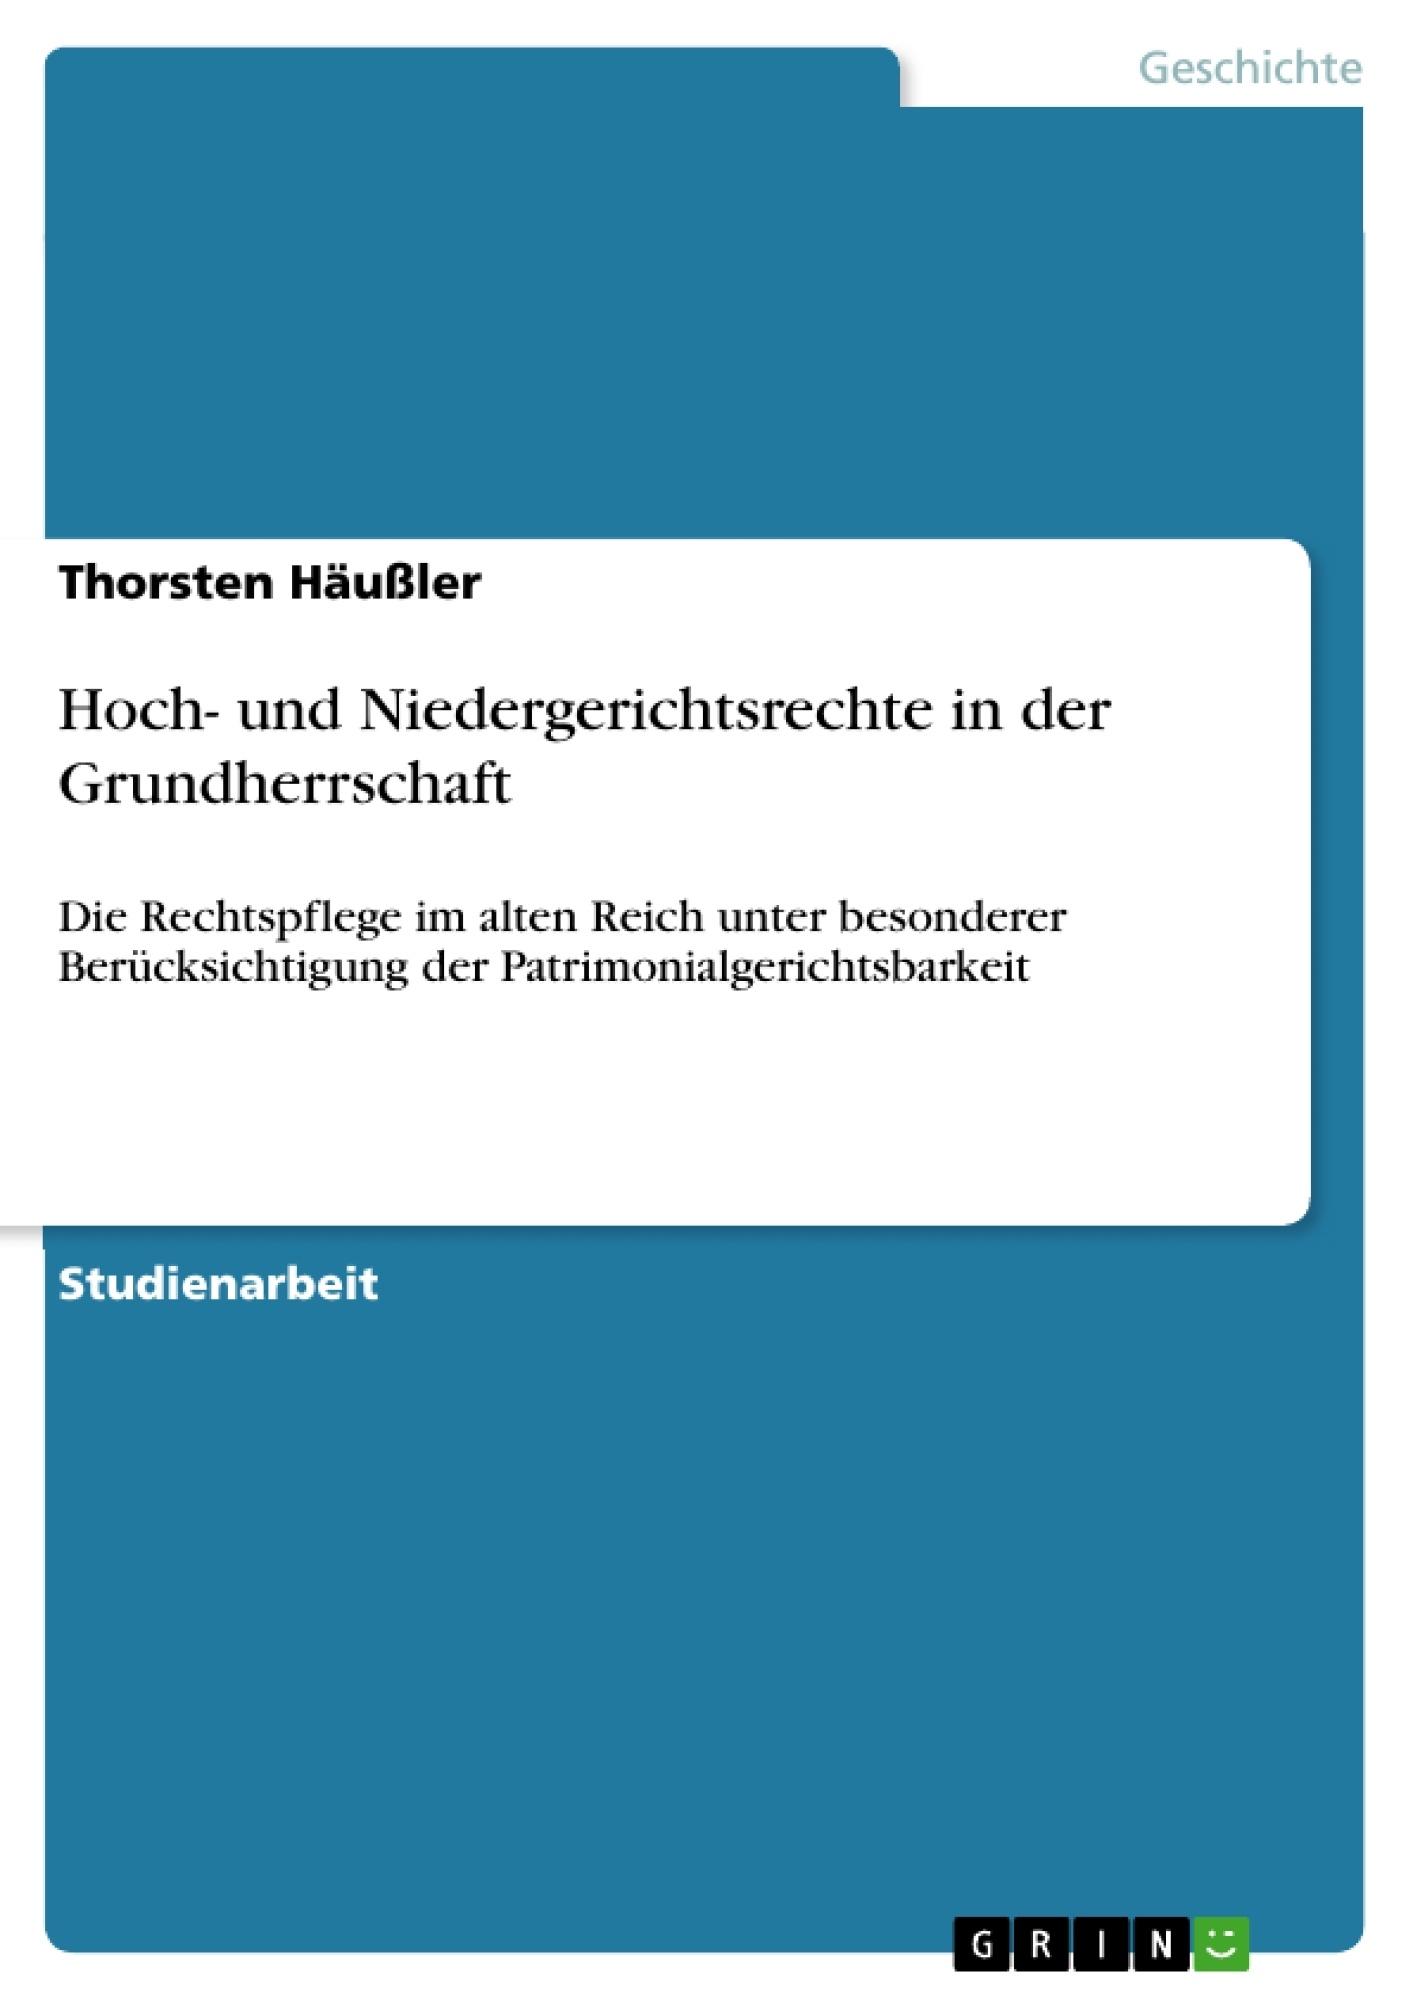 Titel: Hoch- und Niedergerichtsrechte in der Grundherrschaft